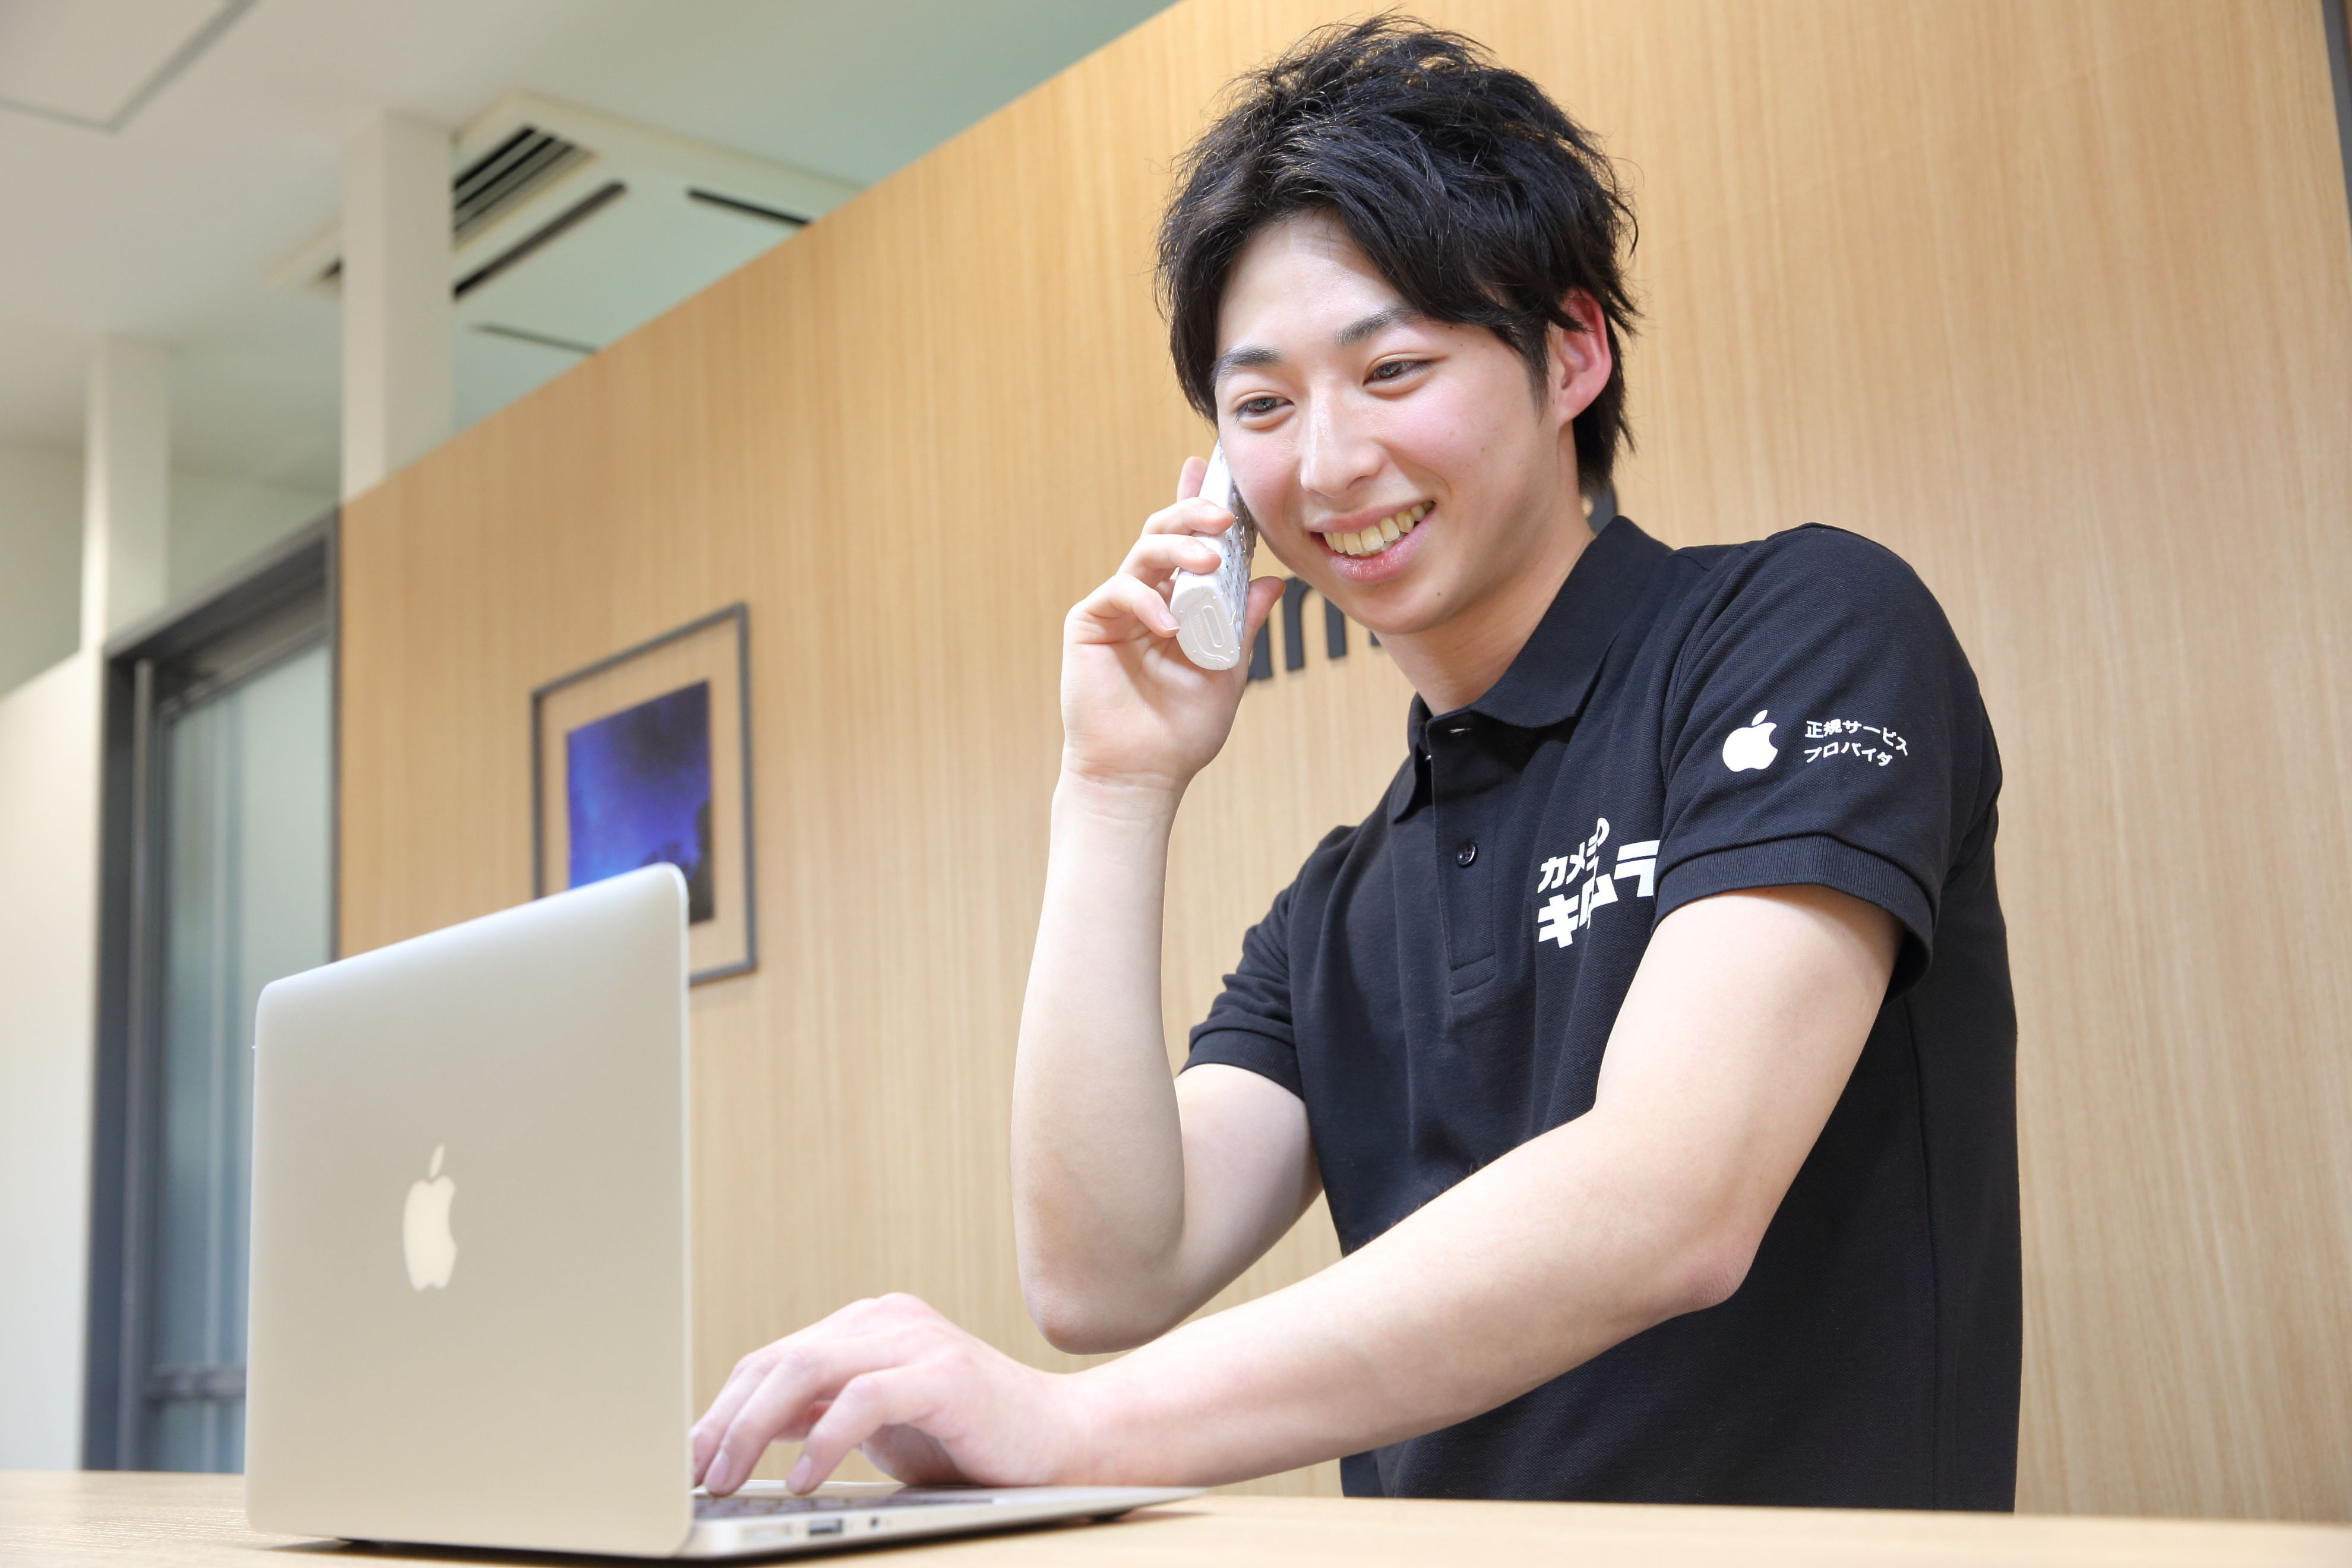 カメラのキタムラ アップル製品サービス 仙台/イオン仙台幸町店 のアルバイト情報